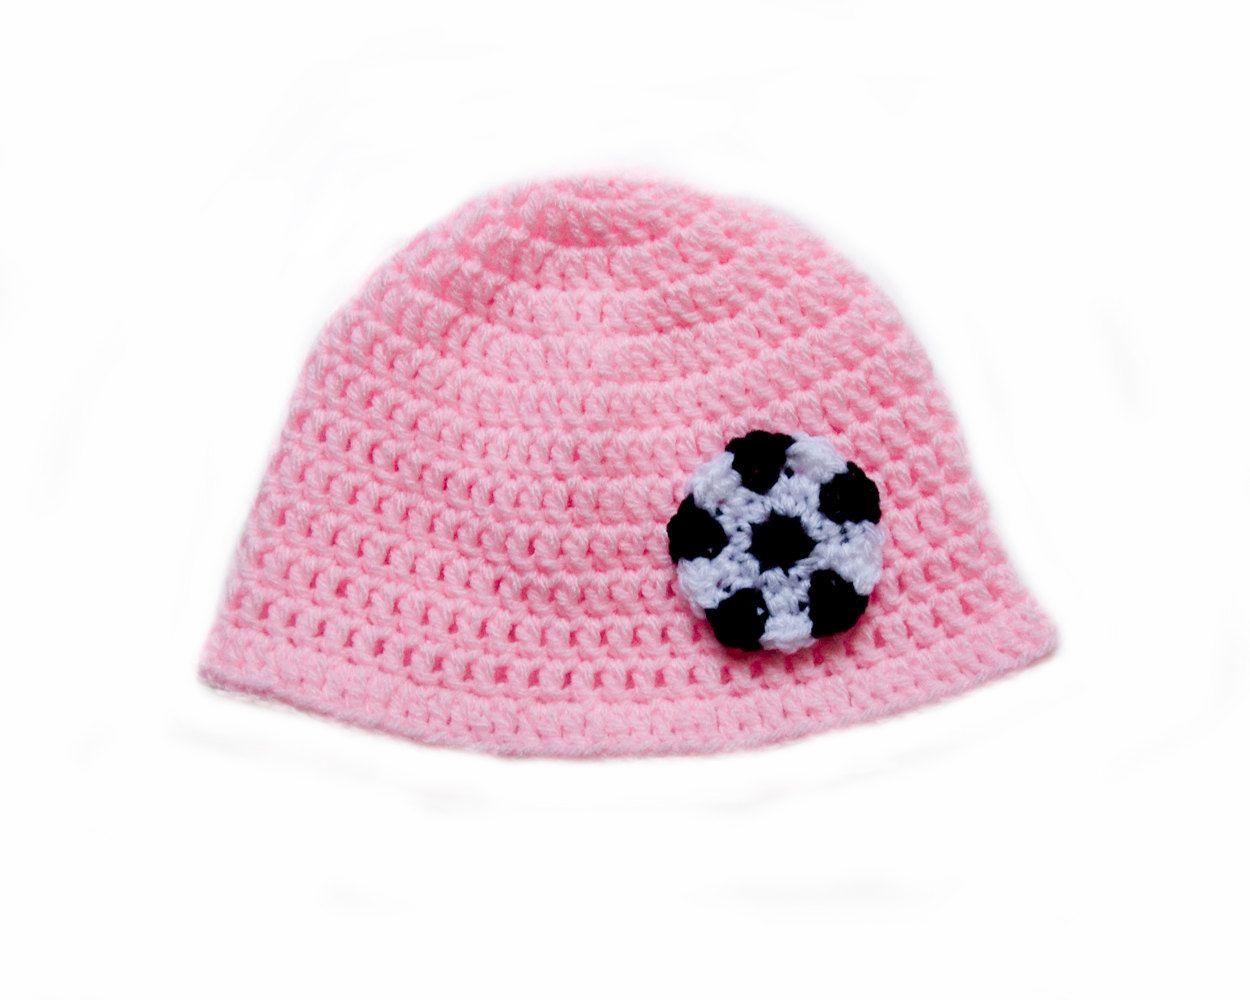 c47d29fb067 Baby Girl WORLD SOCCER HAT Girl Football